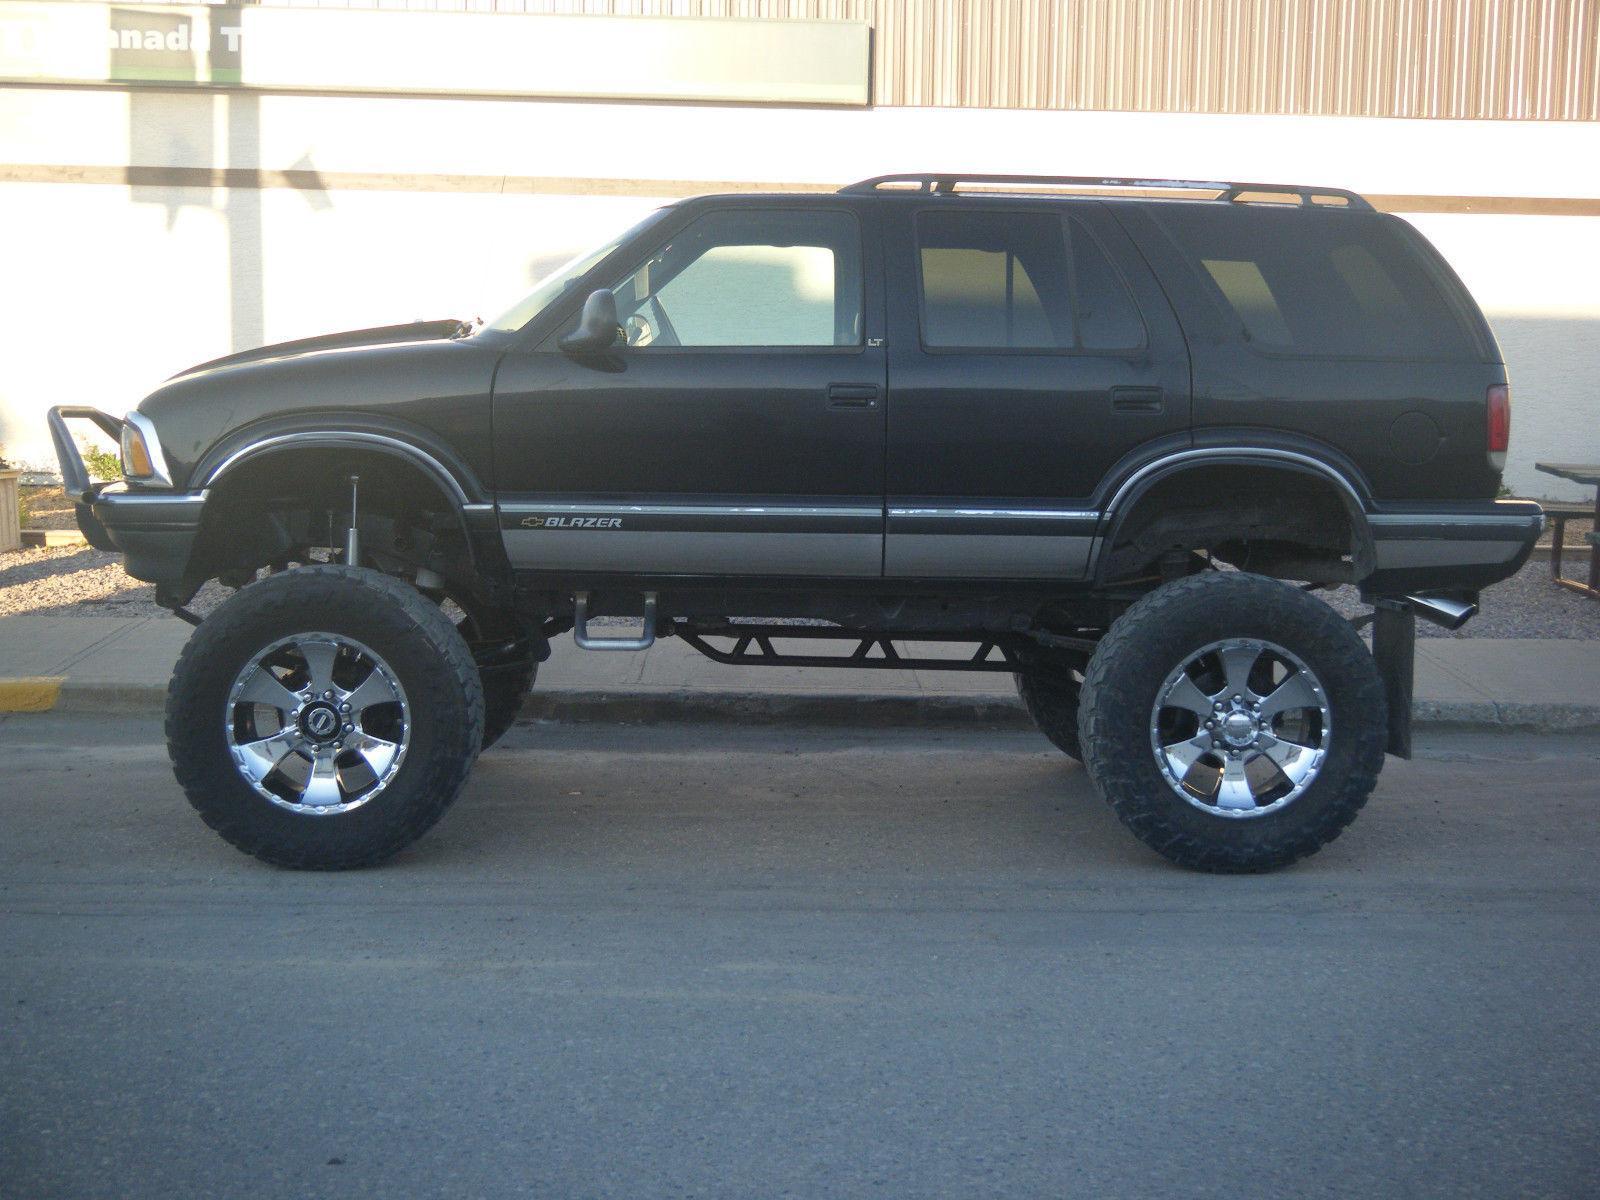 1995 Chevrolet Blazer LT Monster mudder for sale